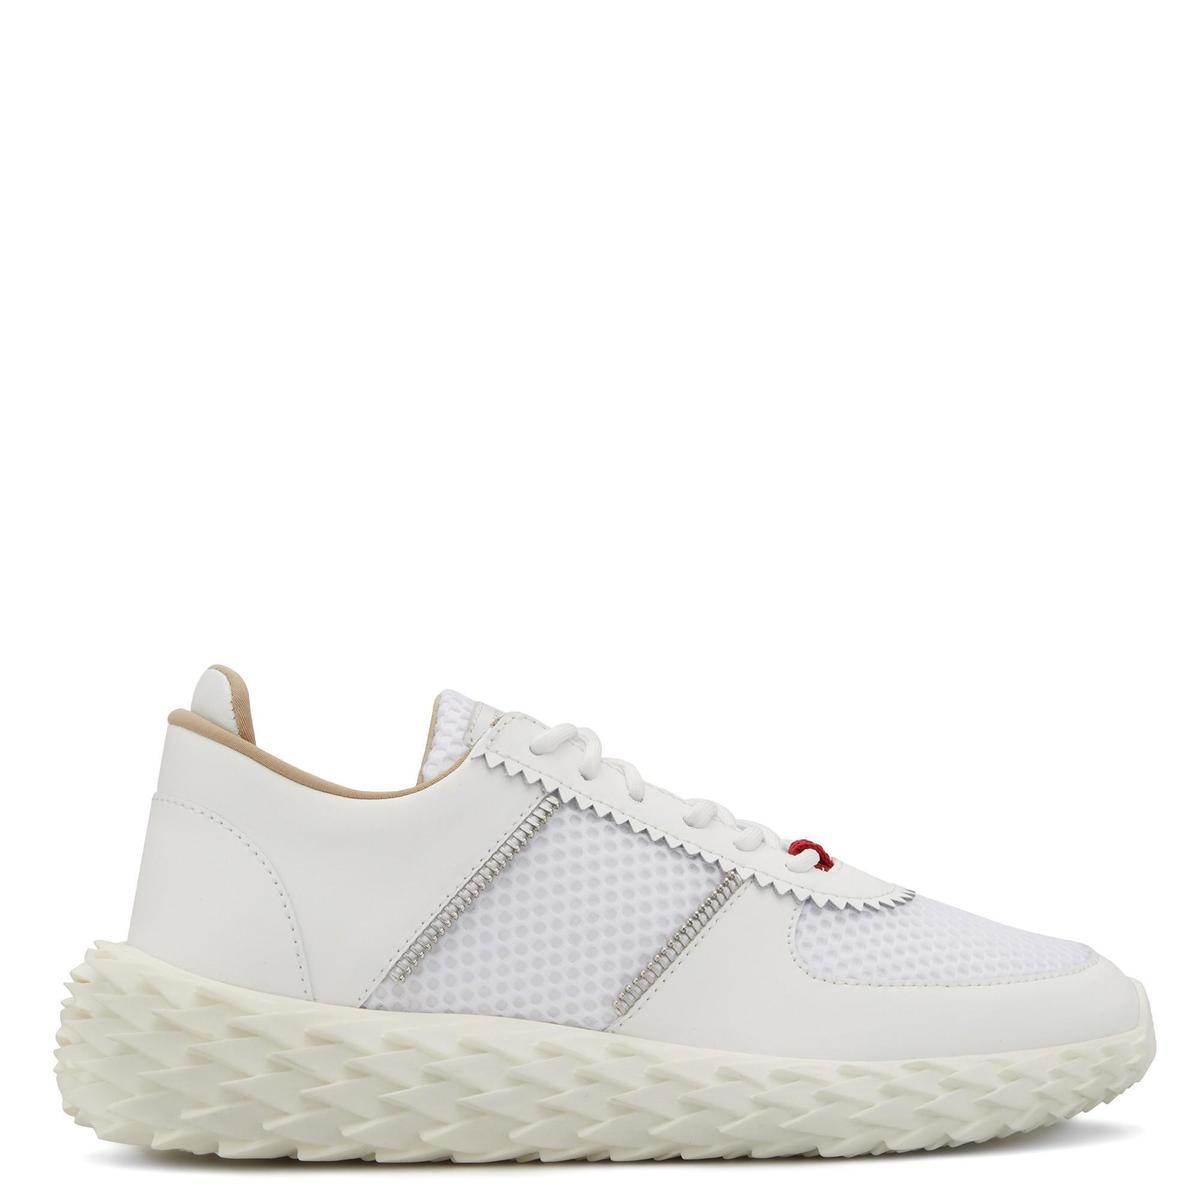 白色Urchin休閒鞋 價格店洽 GIUSEPPE ZANOTTI。(GIUSEPPE ZANOTTI提供)